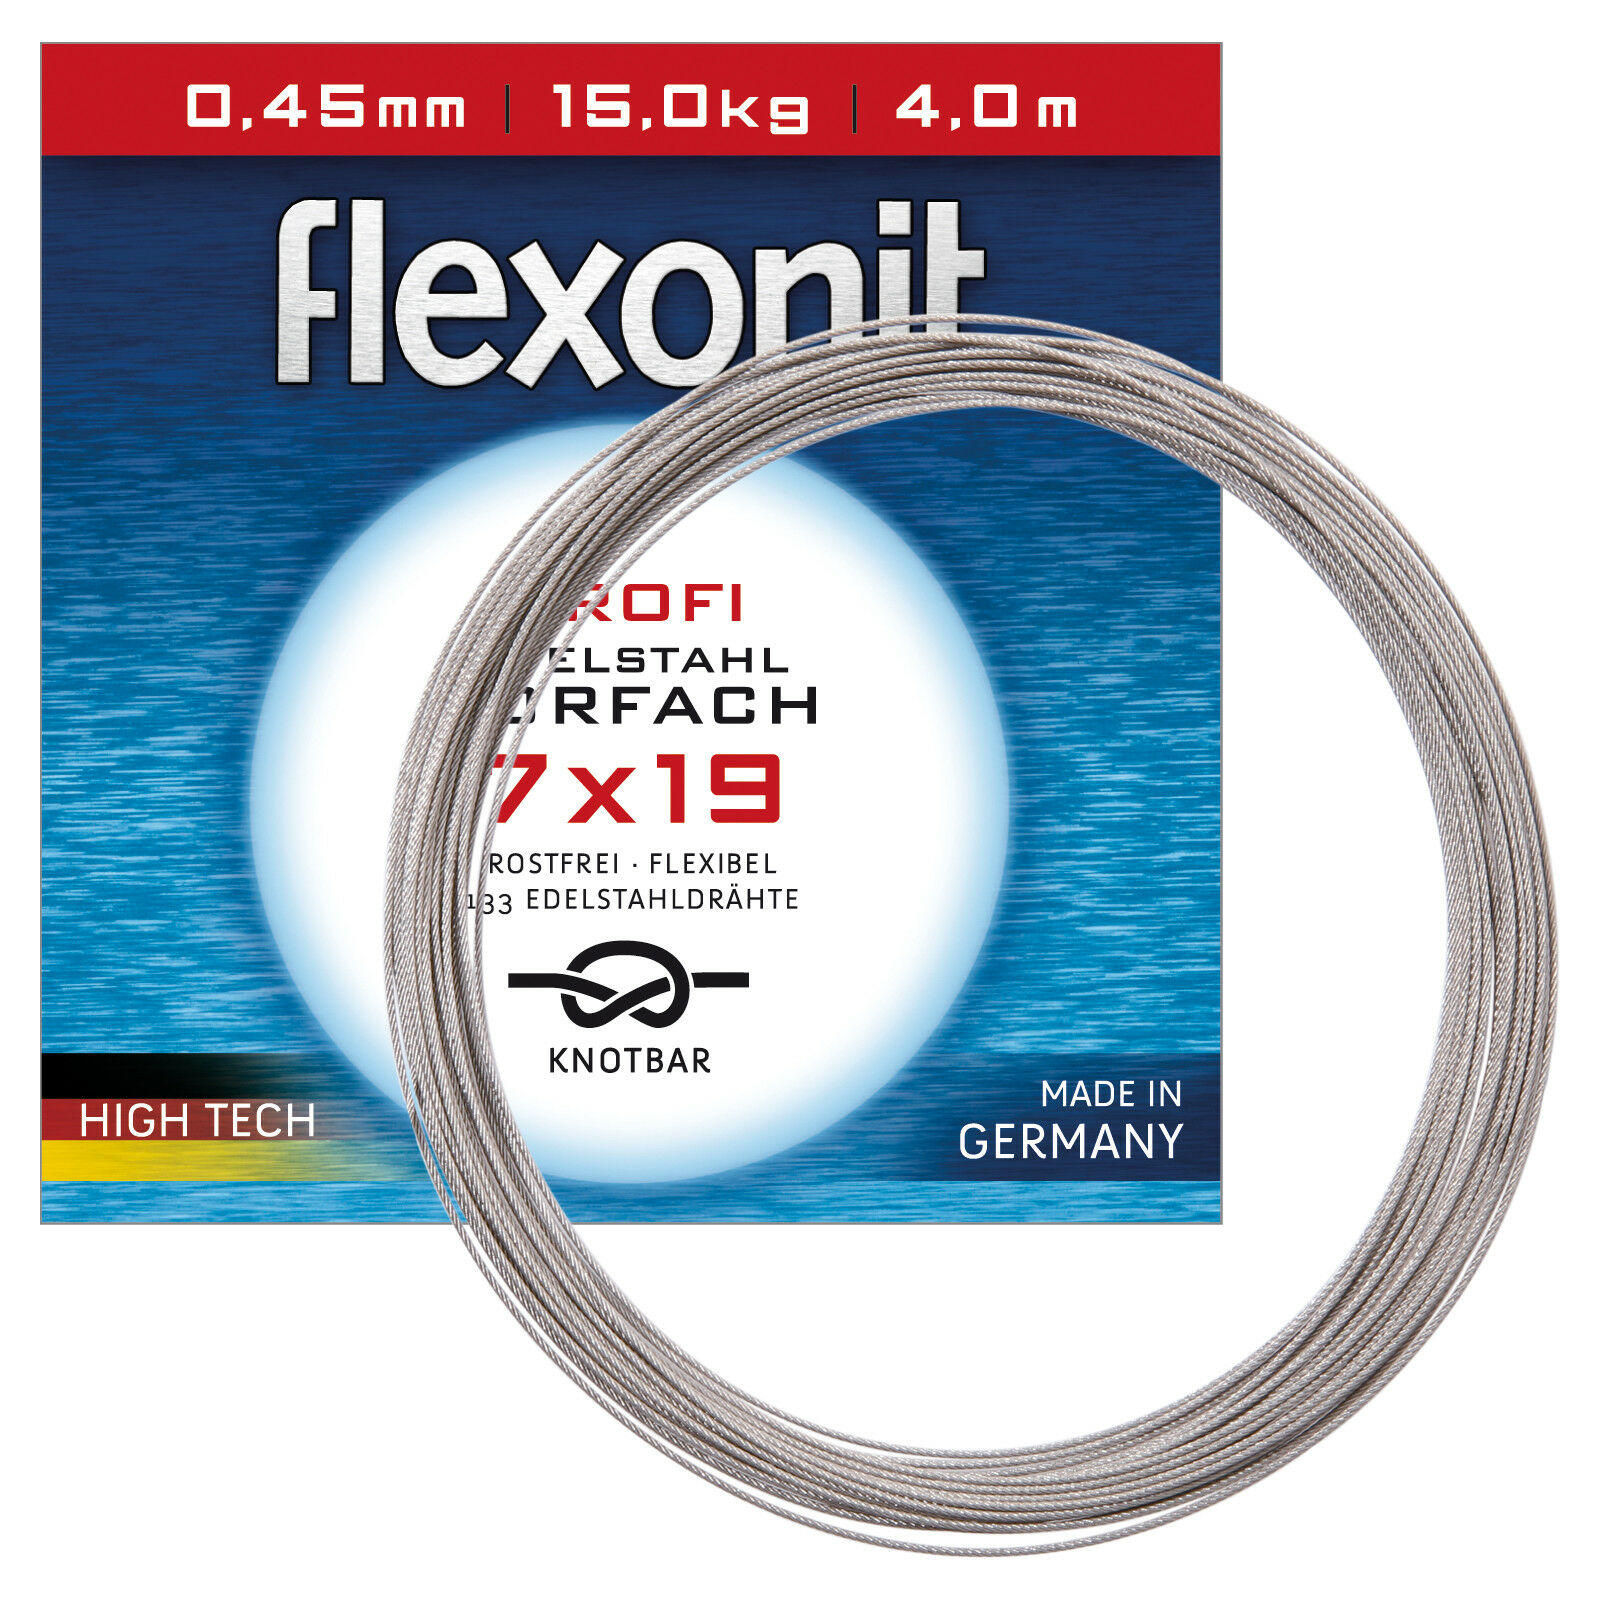 (3EUR m) Flexonit Stahlvorfach Meterware - 7x19 Silber 0,45mm 15,0kg 20m